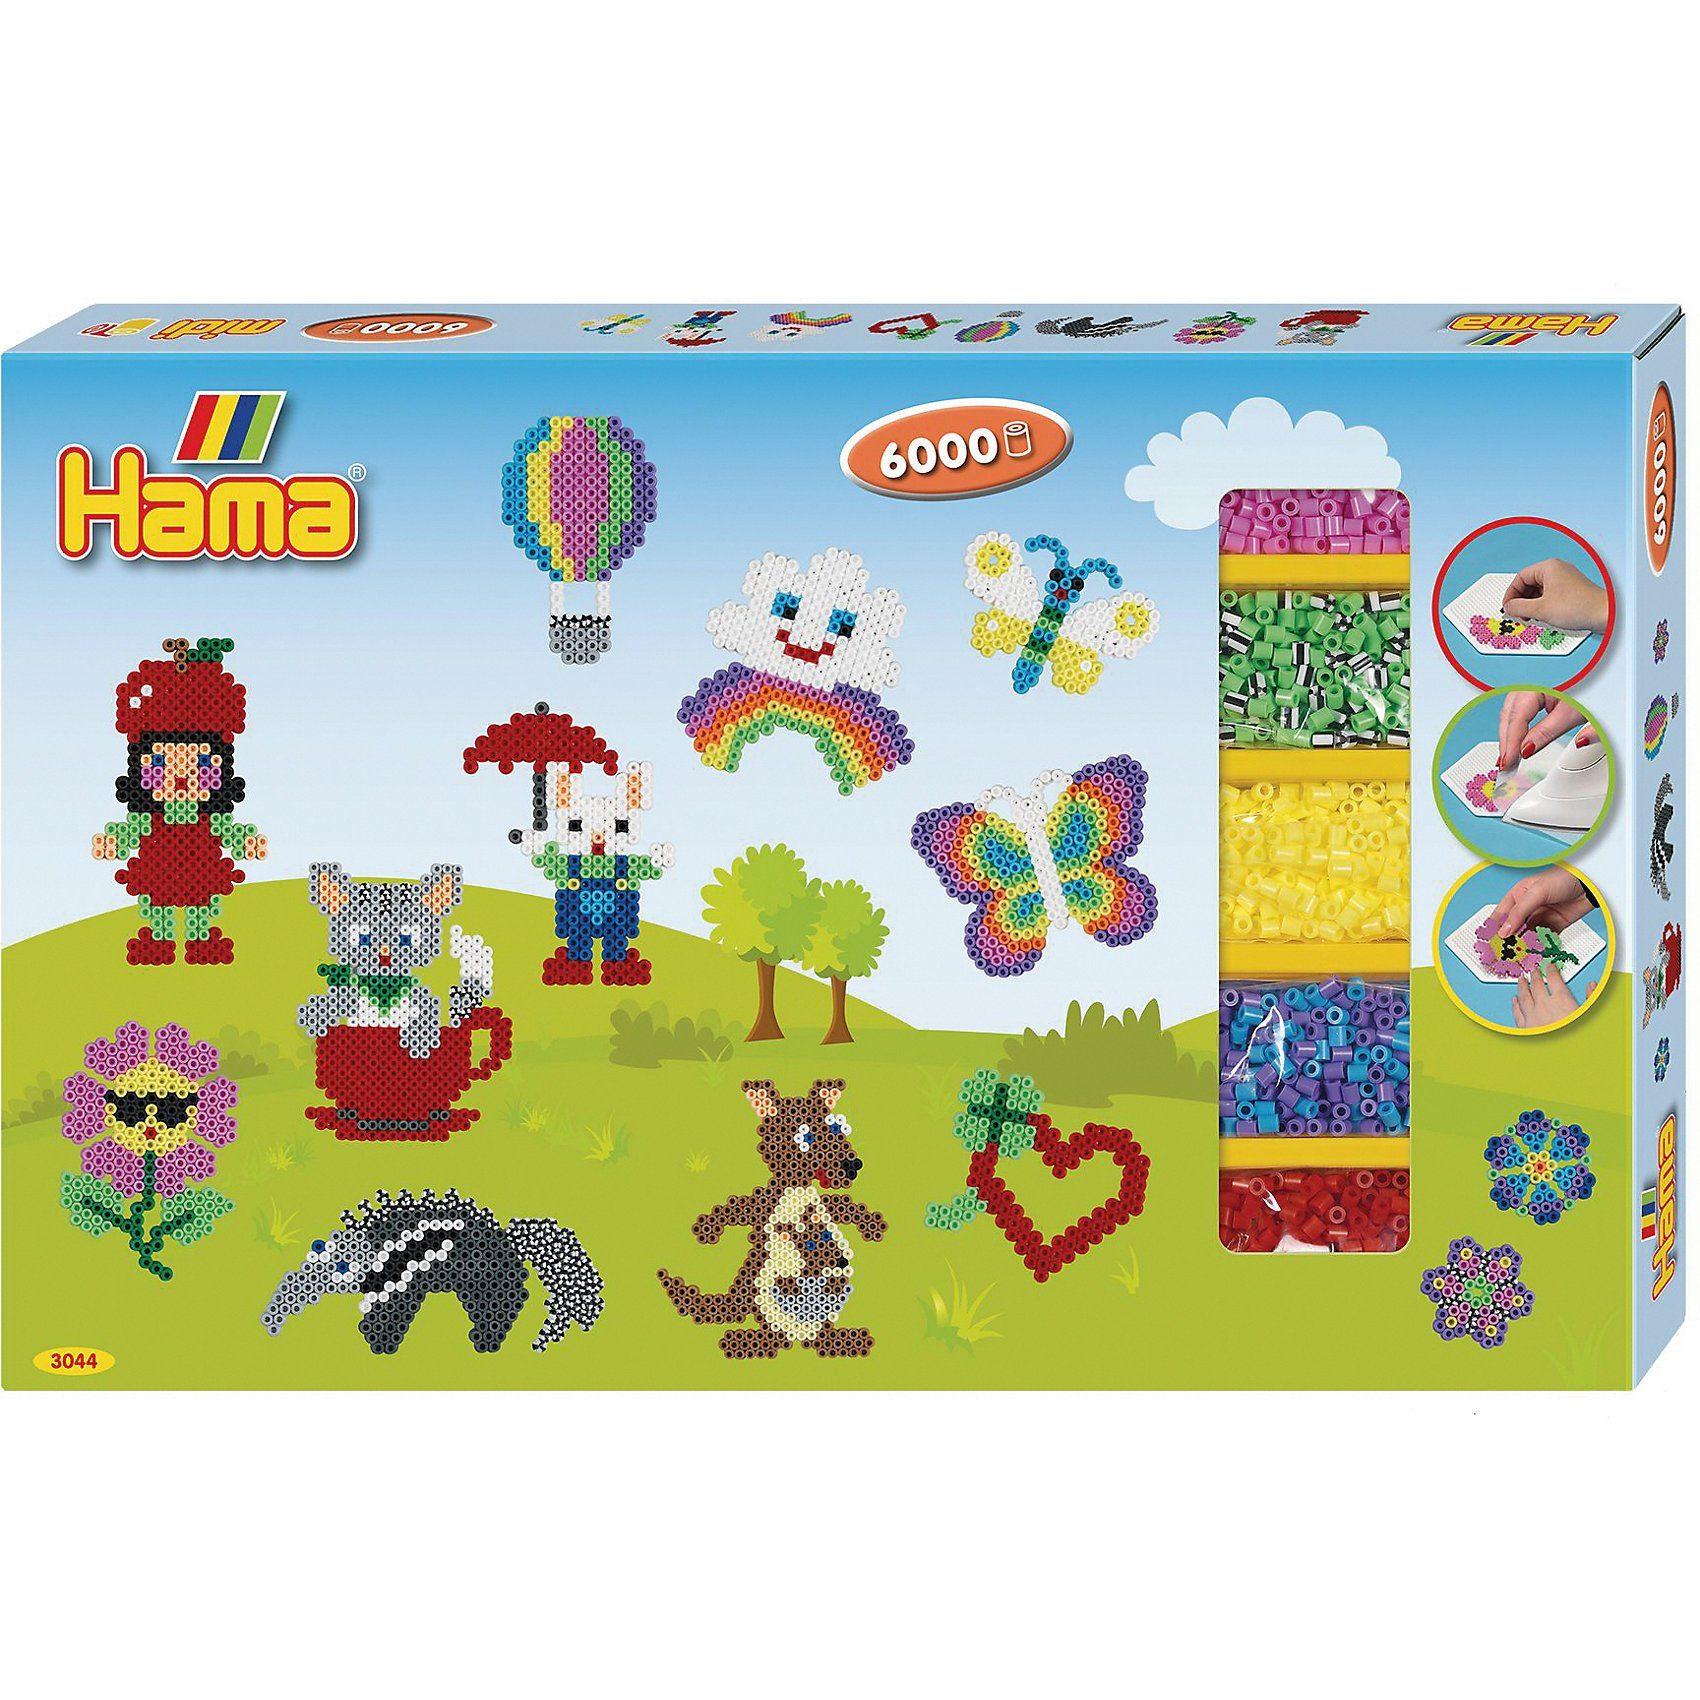 Hama Bundle Mit 11 000 Bunten Bugelperlen 3 Stiftplatten Hama